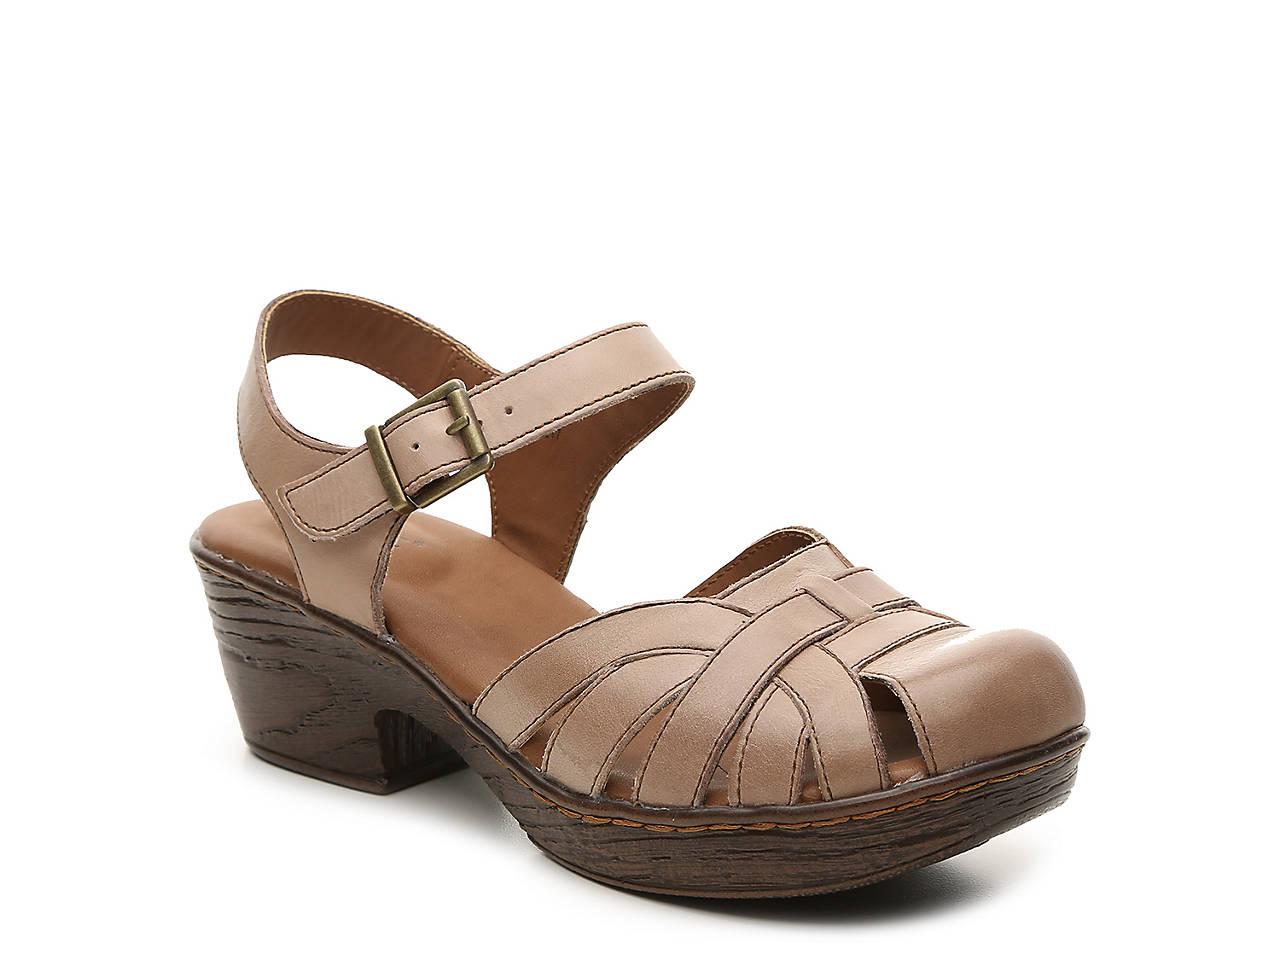 33aa2e8a8f0189 b.o.c Gianna Sandal Women s Shoes